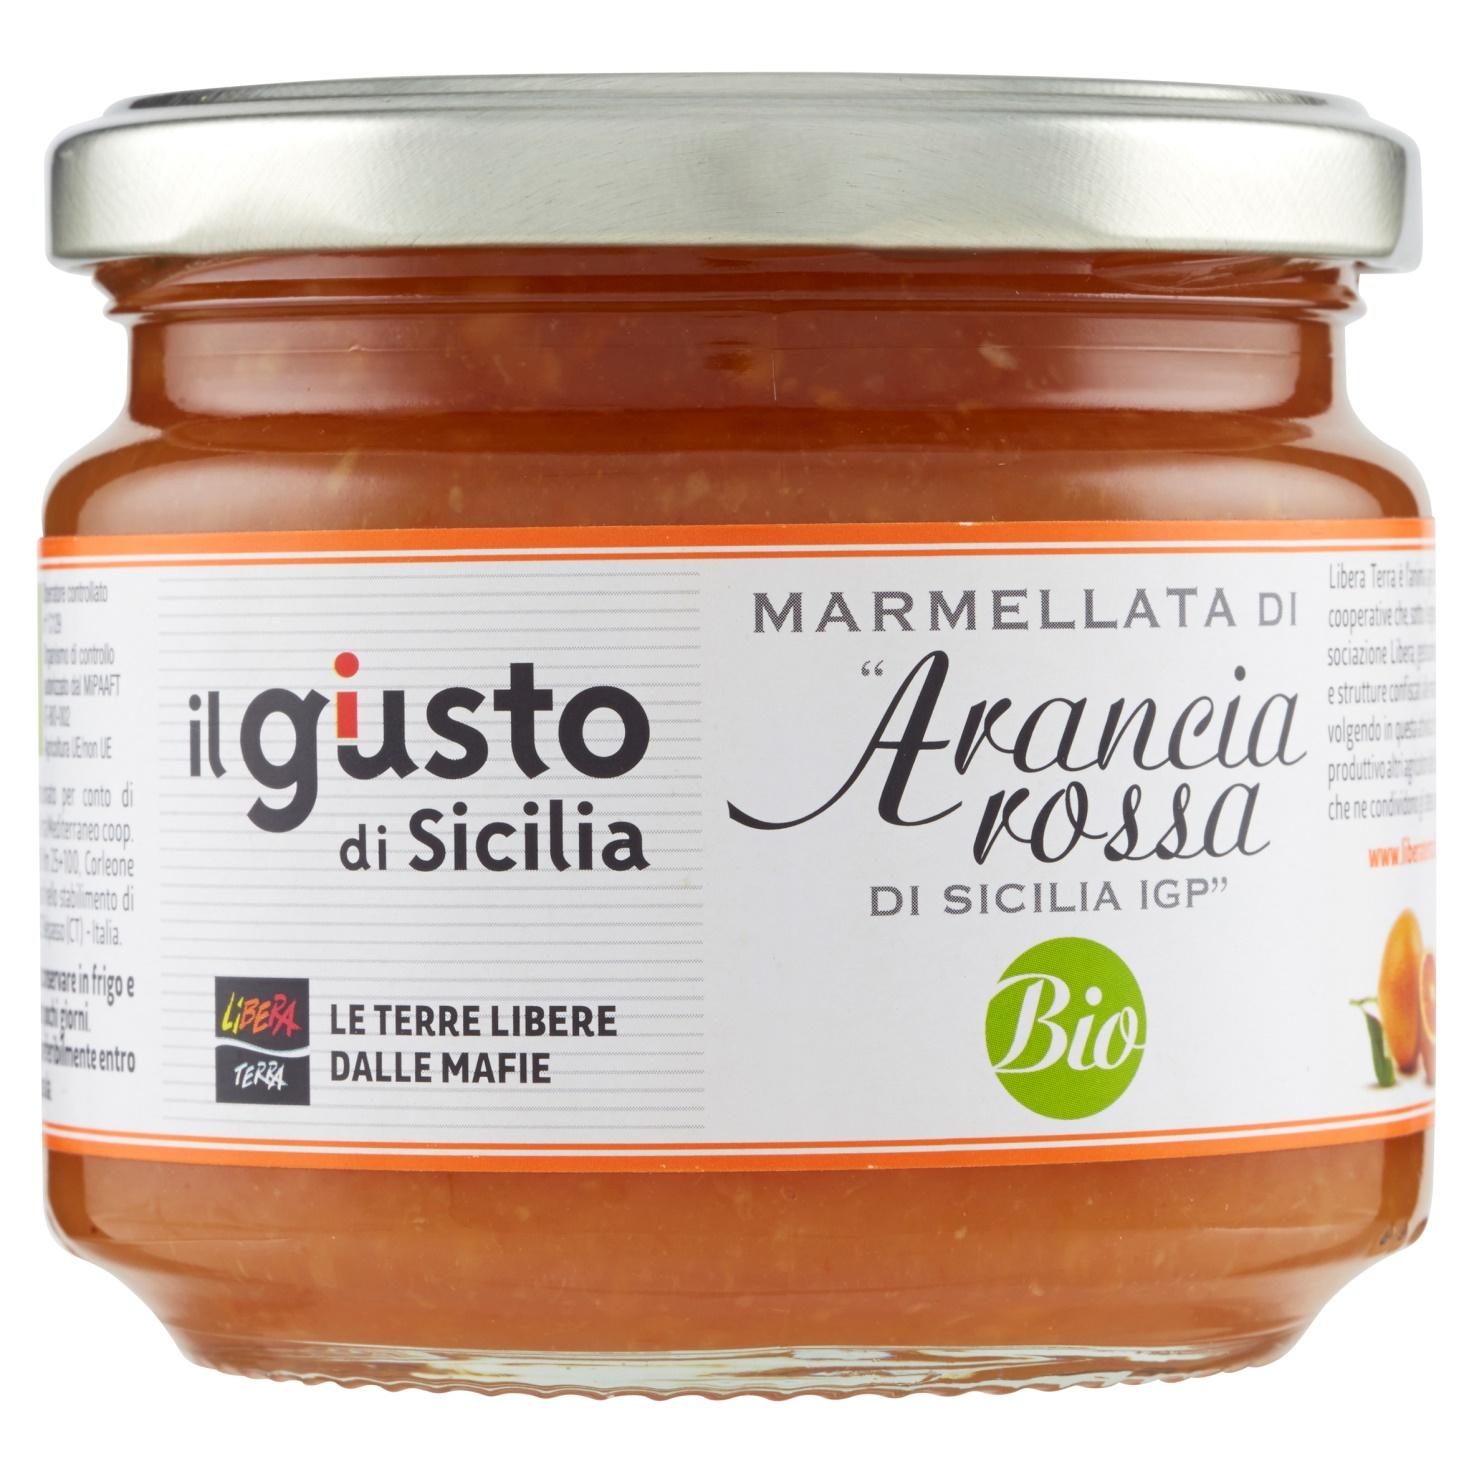 """Marmellata di """"Arancia Rossa di Sicilia IGP"""" Biologica 270g"""